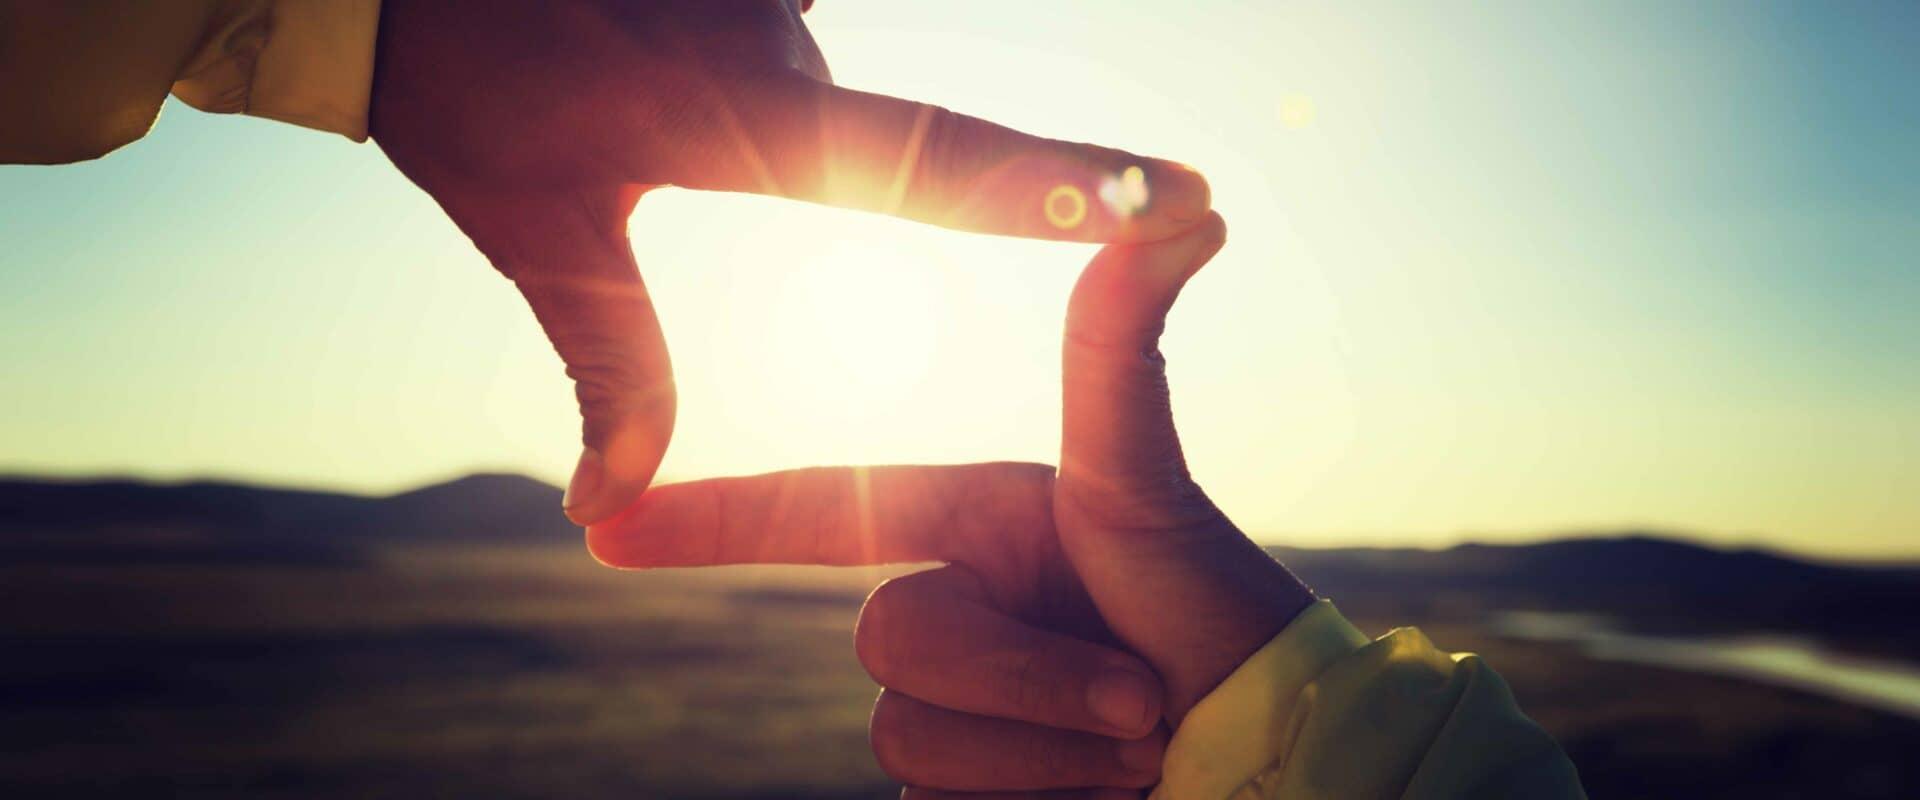 Erneuerbare Energie - Solarenergie: Sonne mit Händen eingefangen